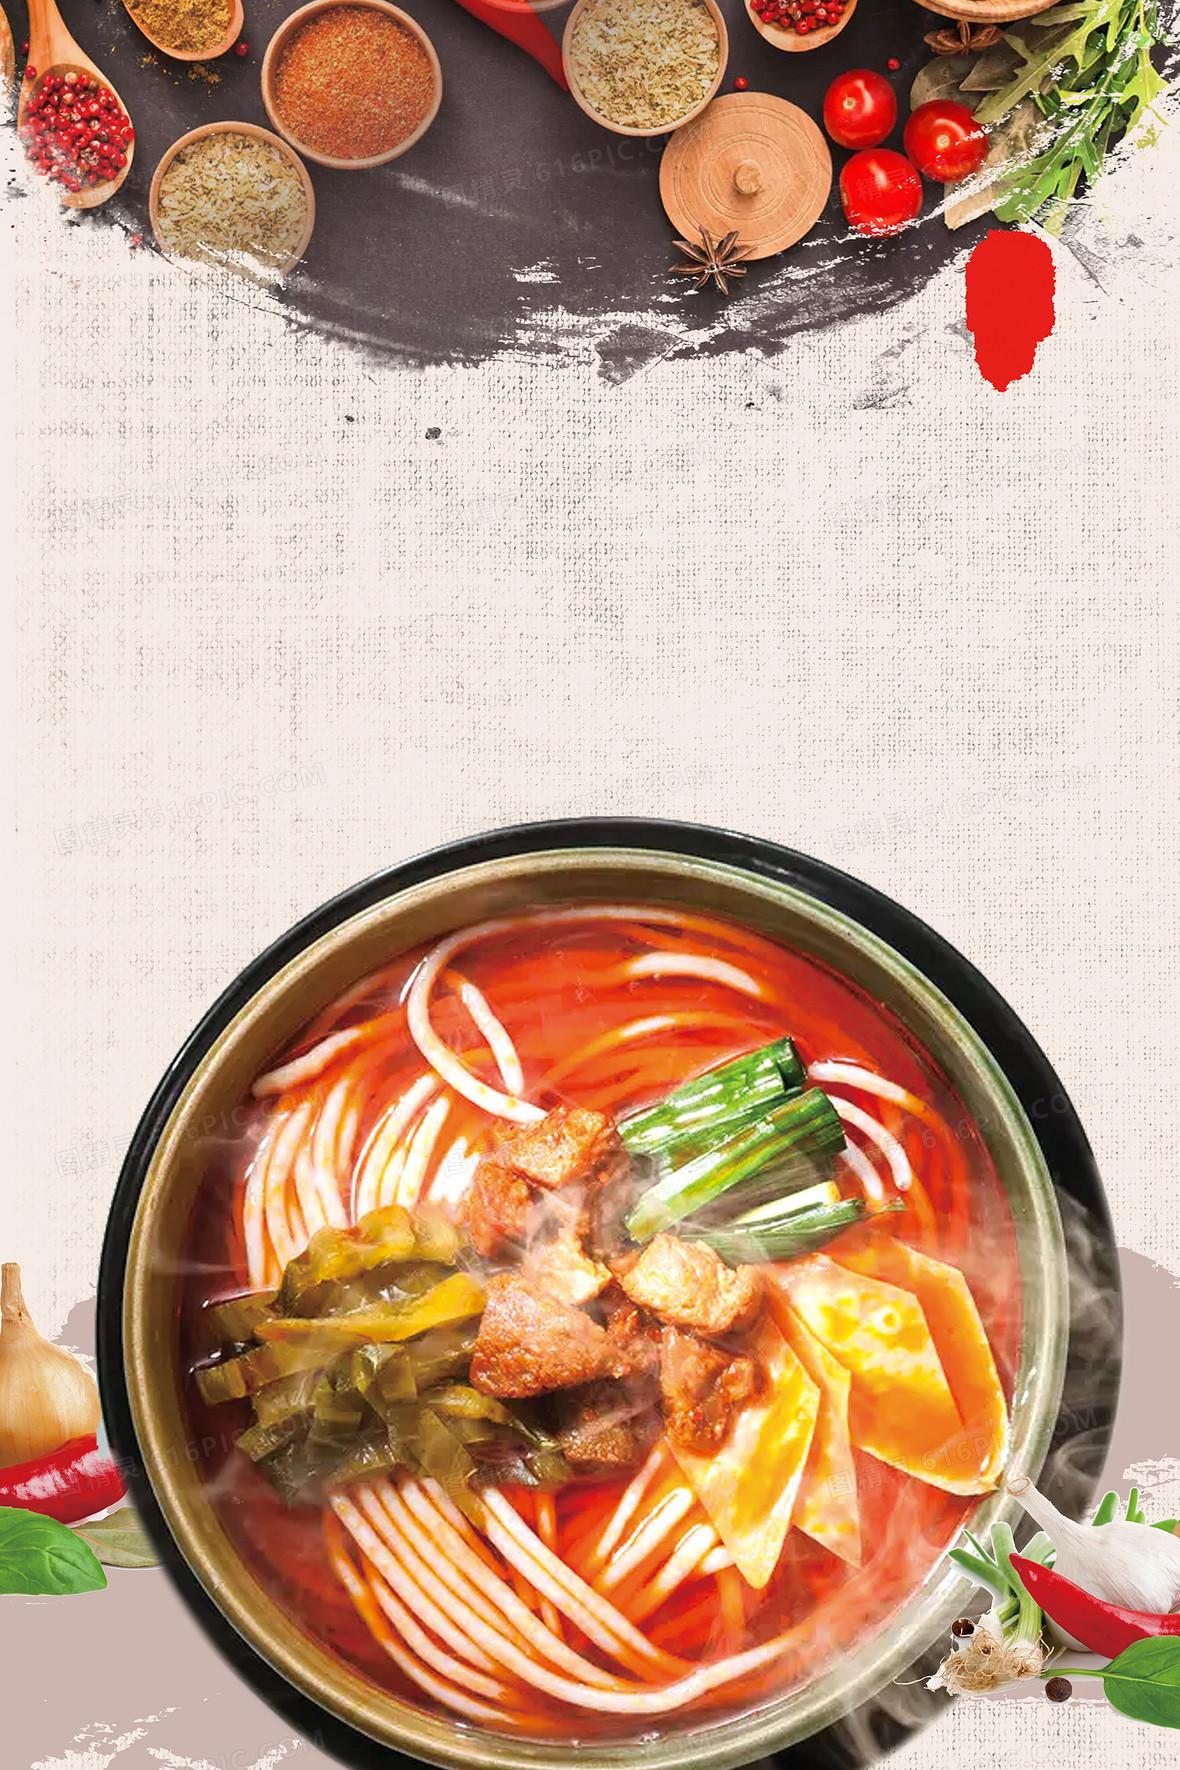 牛肉米线餐饮广告海报背景素材